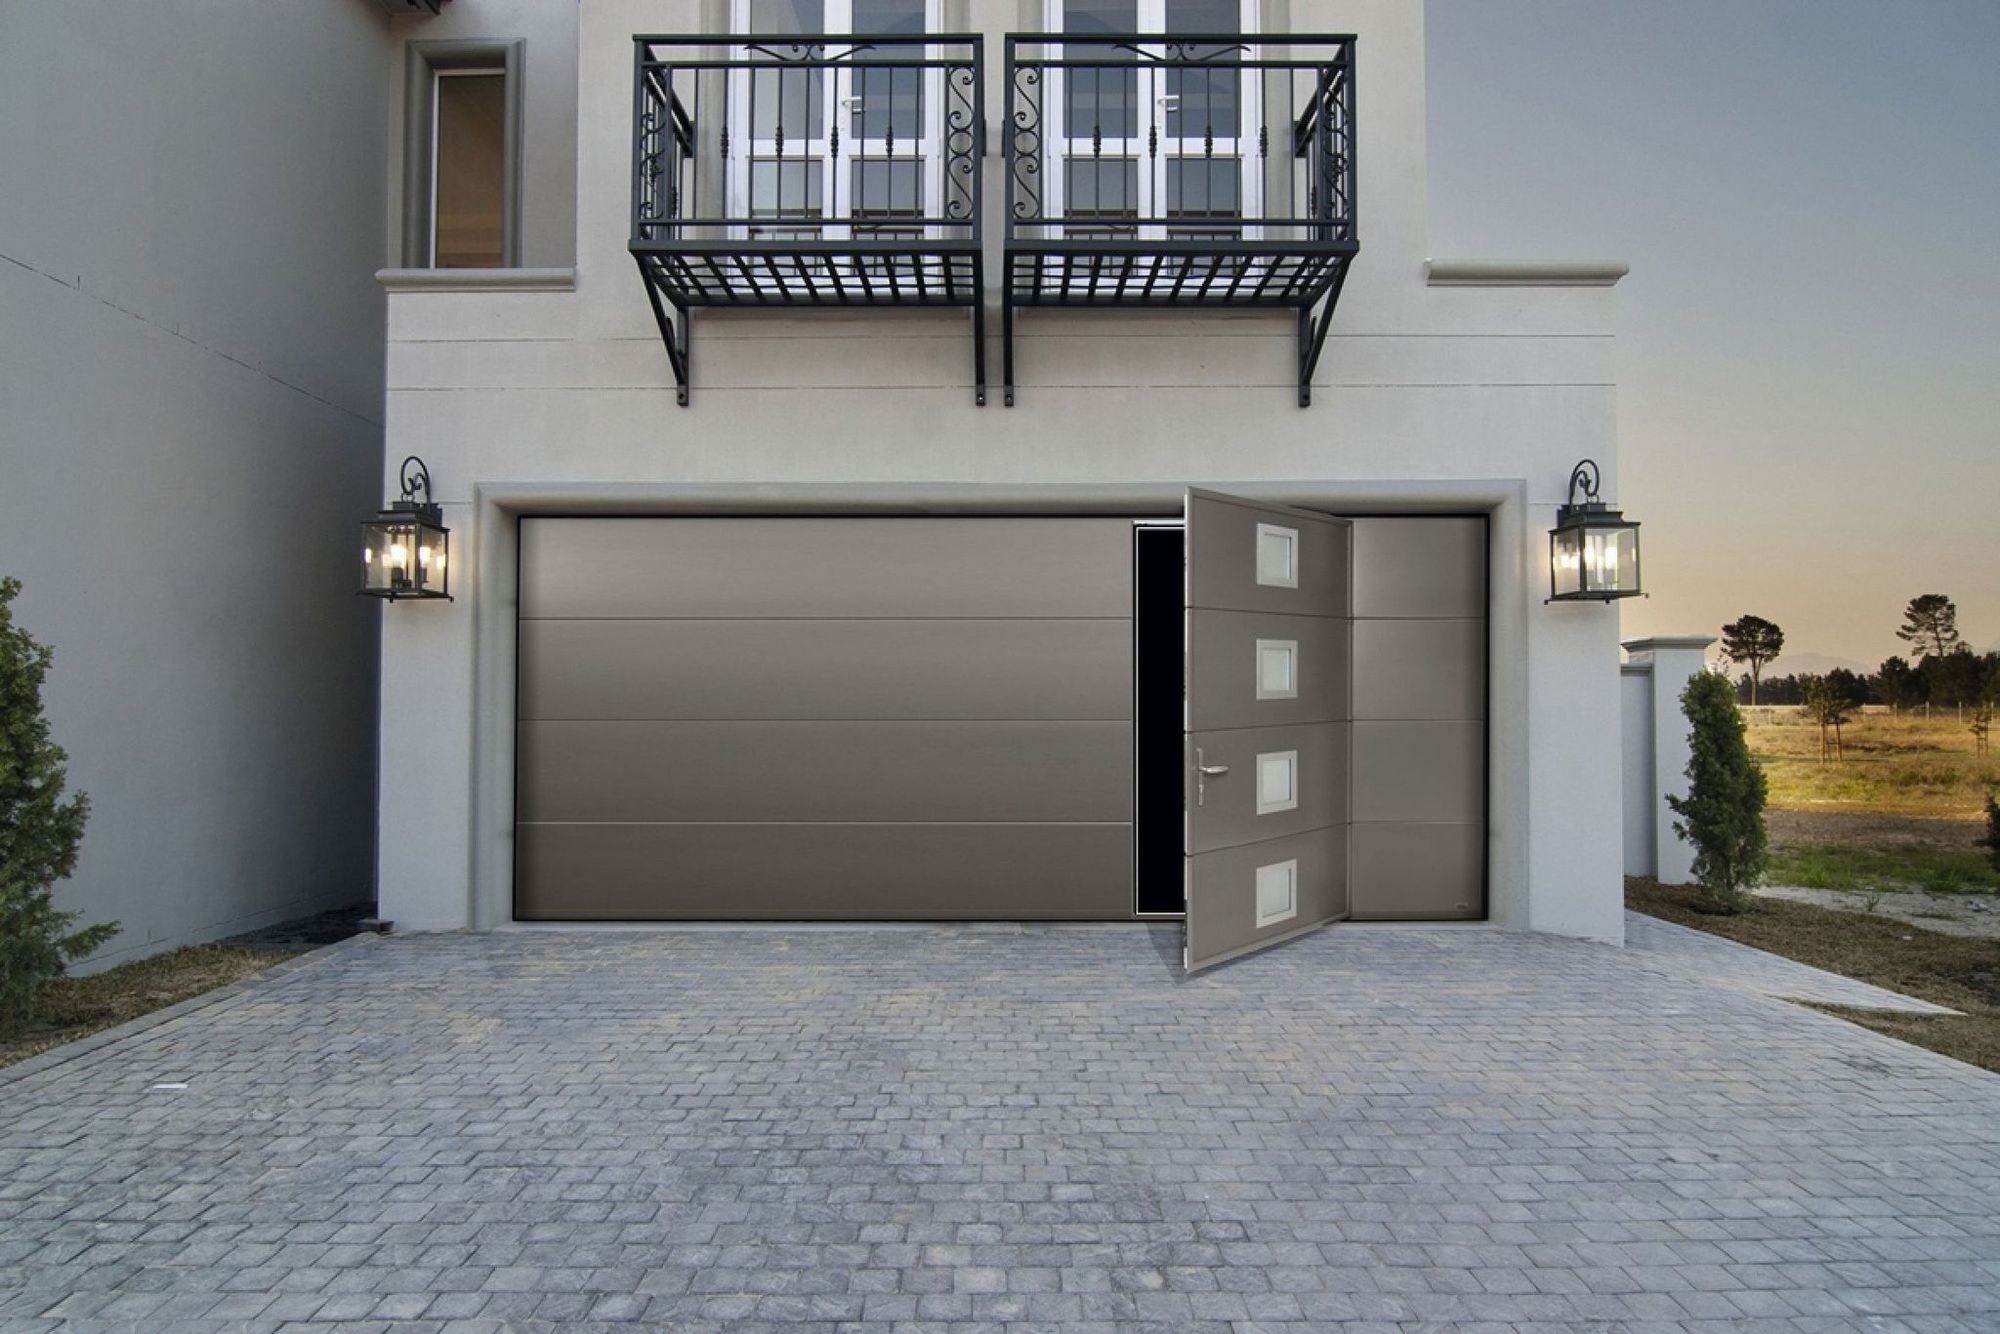 17 inspirations pour une porte de garage qui ne manque pas de cachet. Black Bedroom Furniture Sets. Home Design Ideas